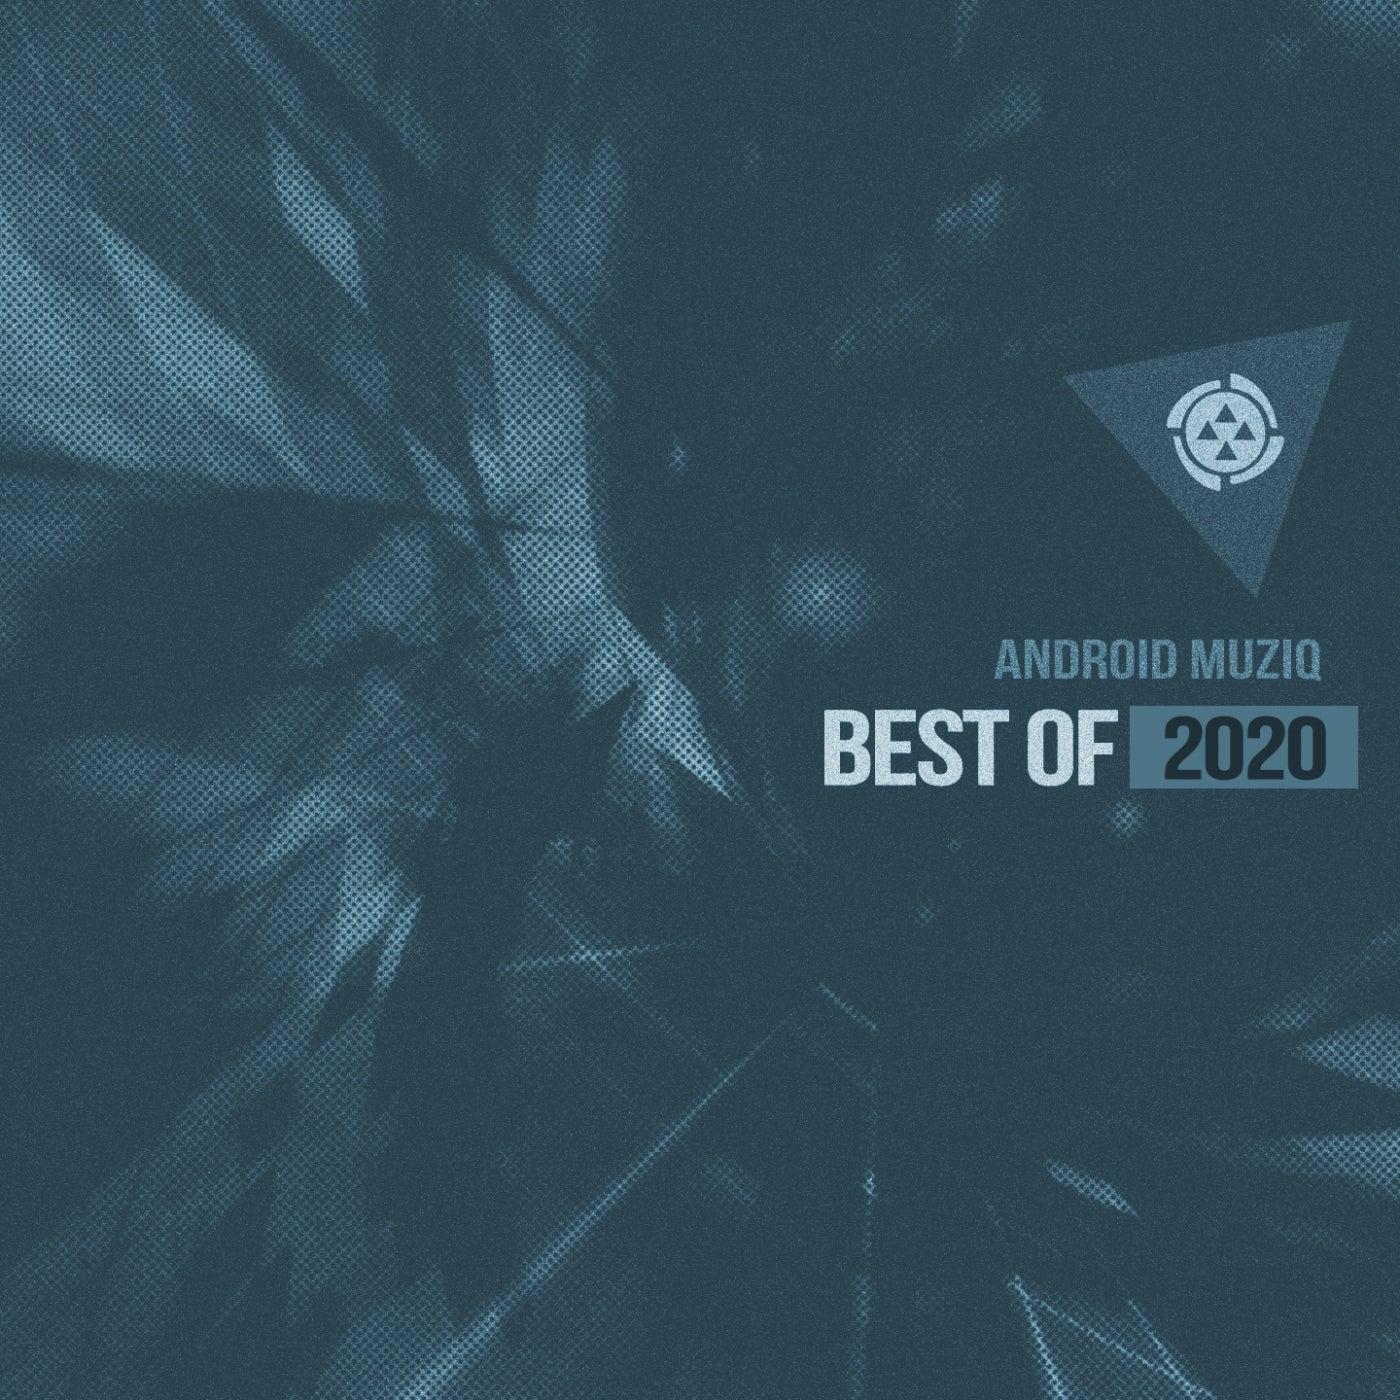 Android Muziq (Best of 2020)